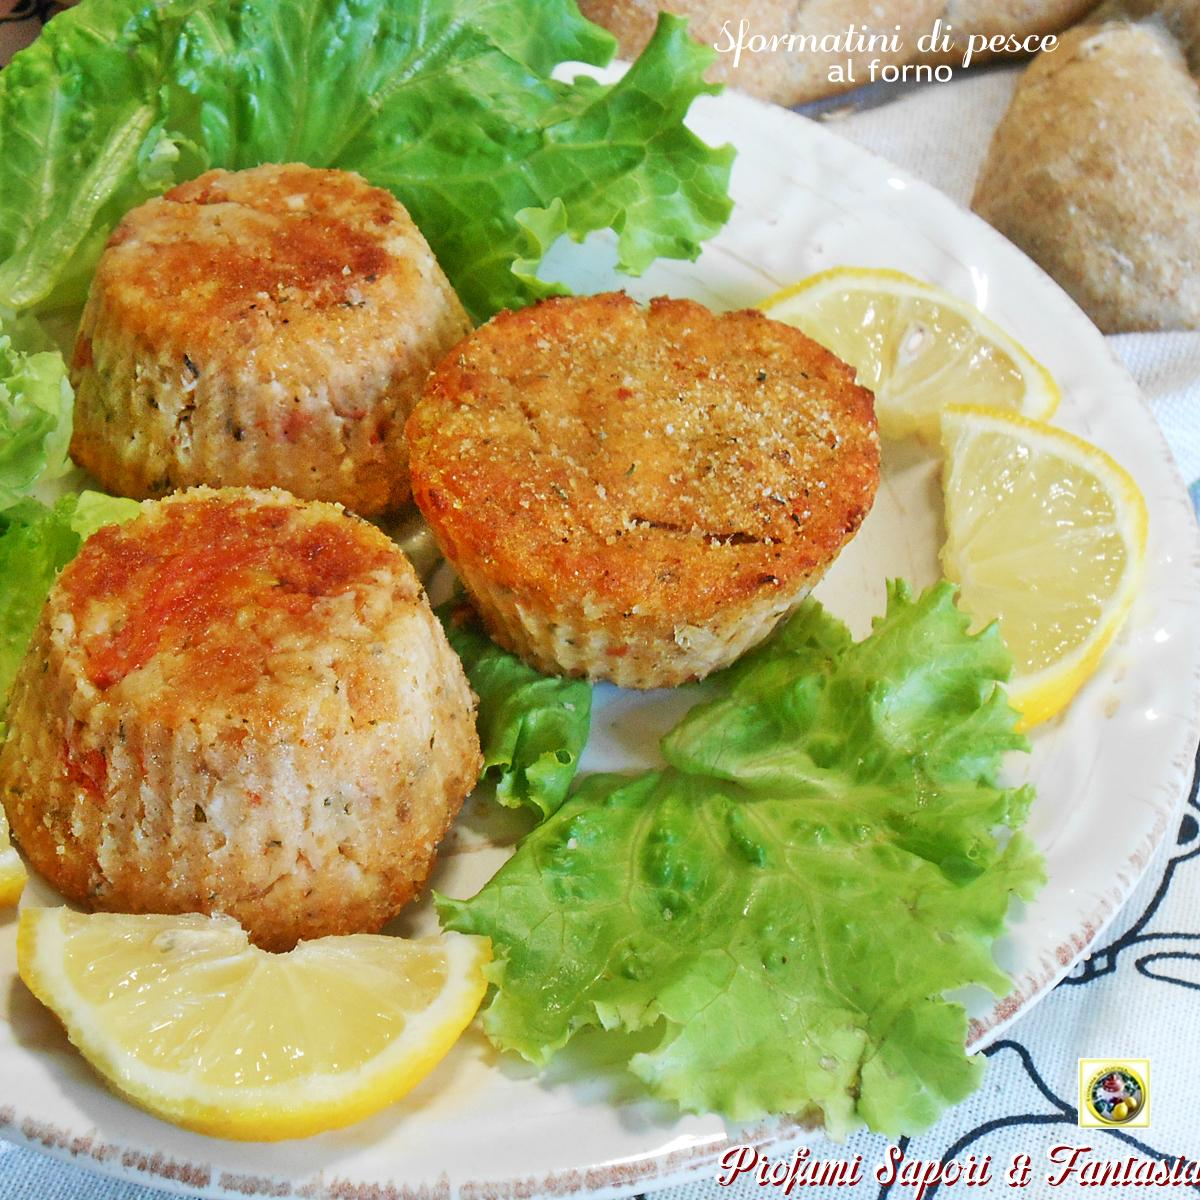 spesso Sformatini di pesce al forno ricetta facile leggera e gustosa FX49